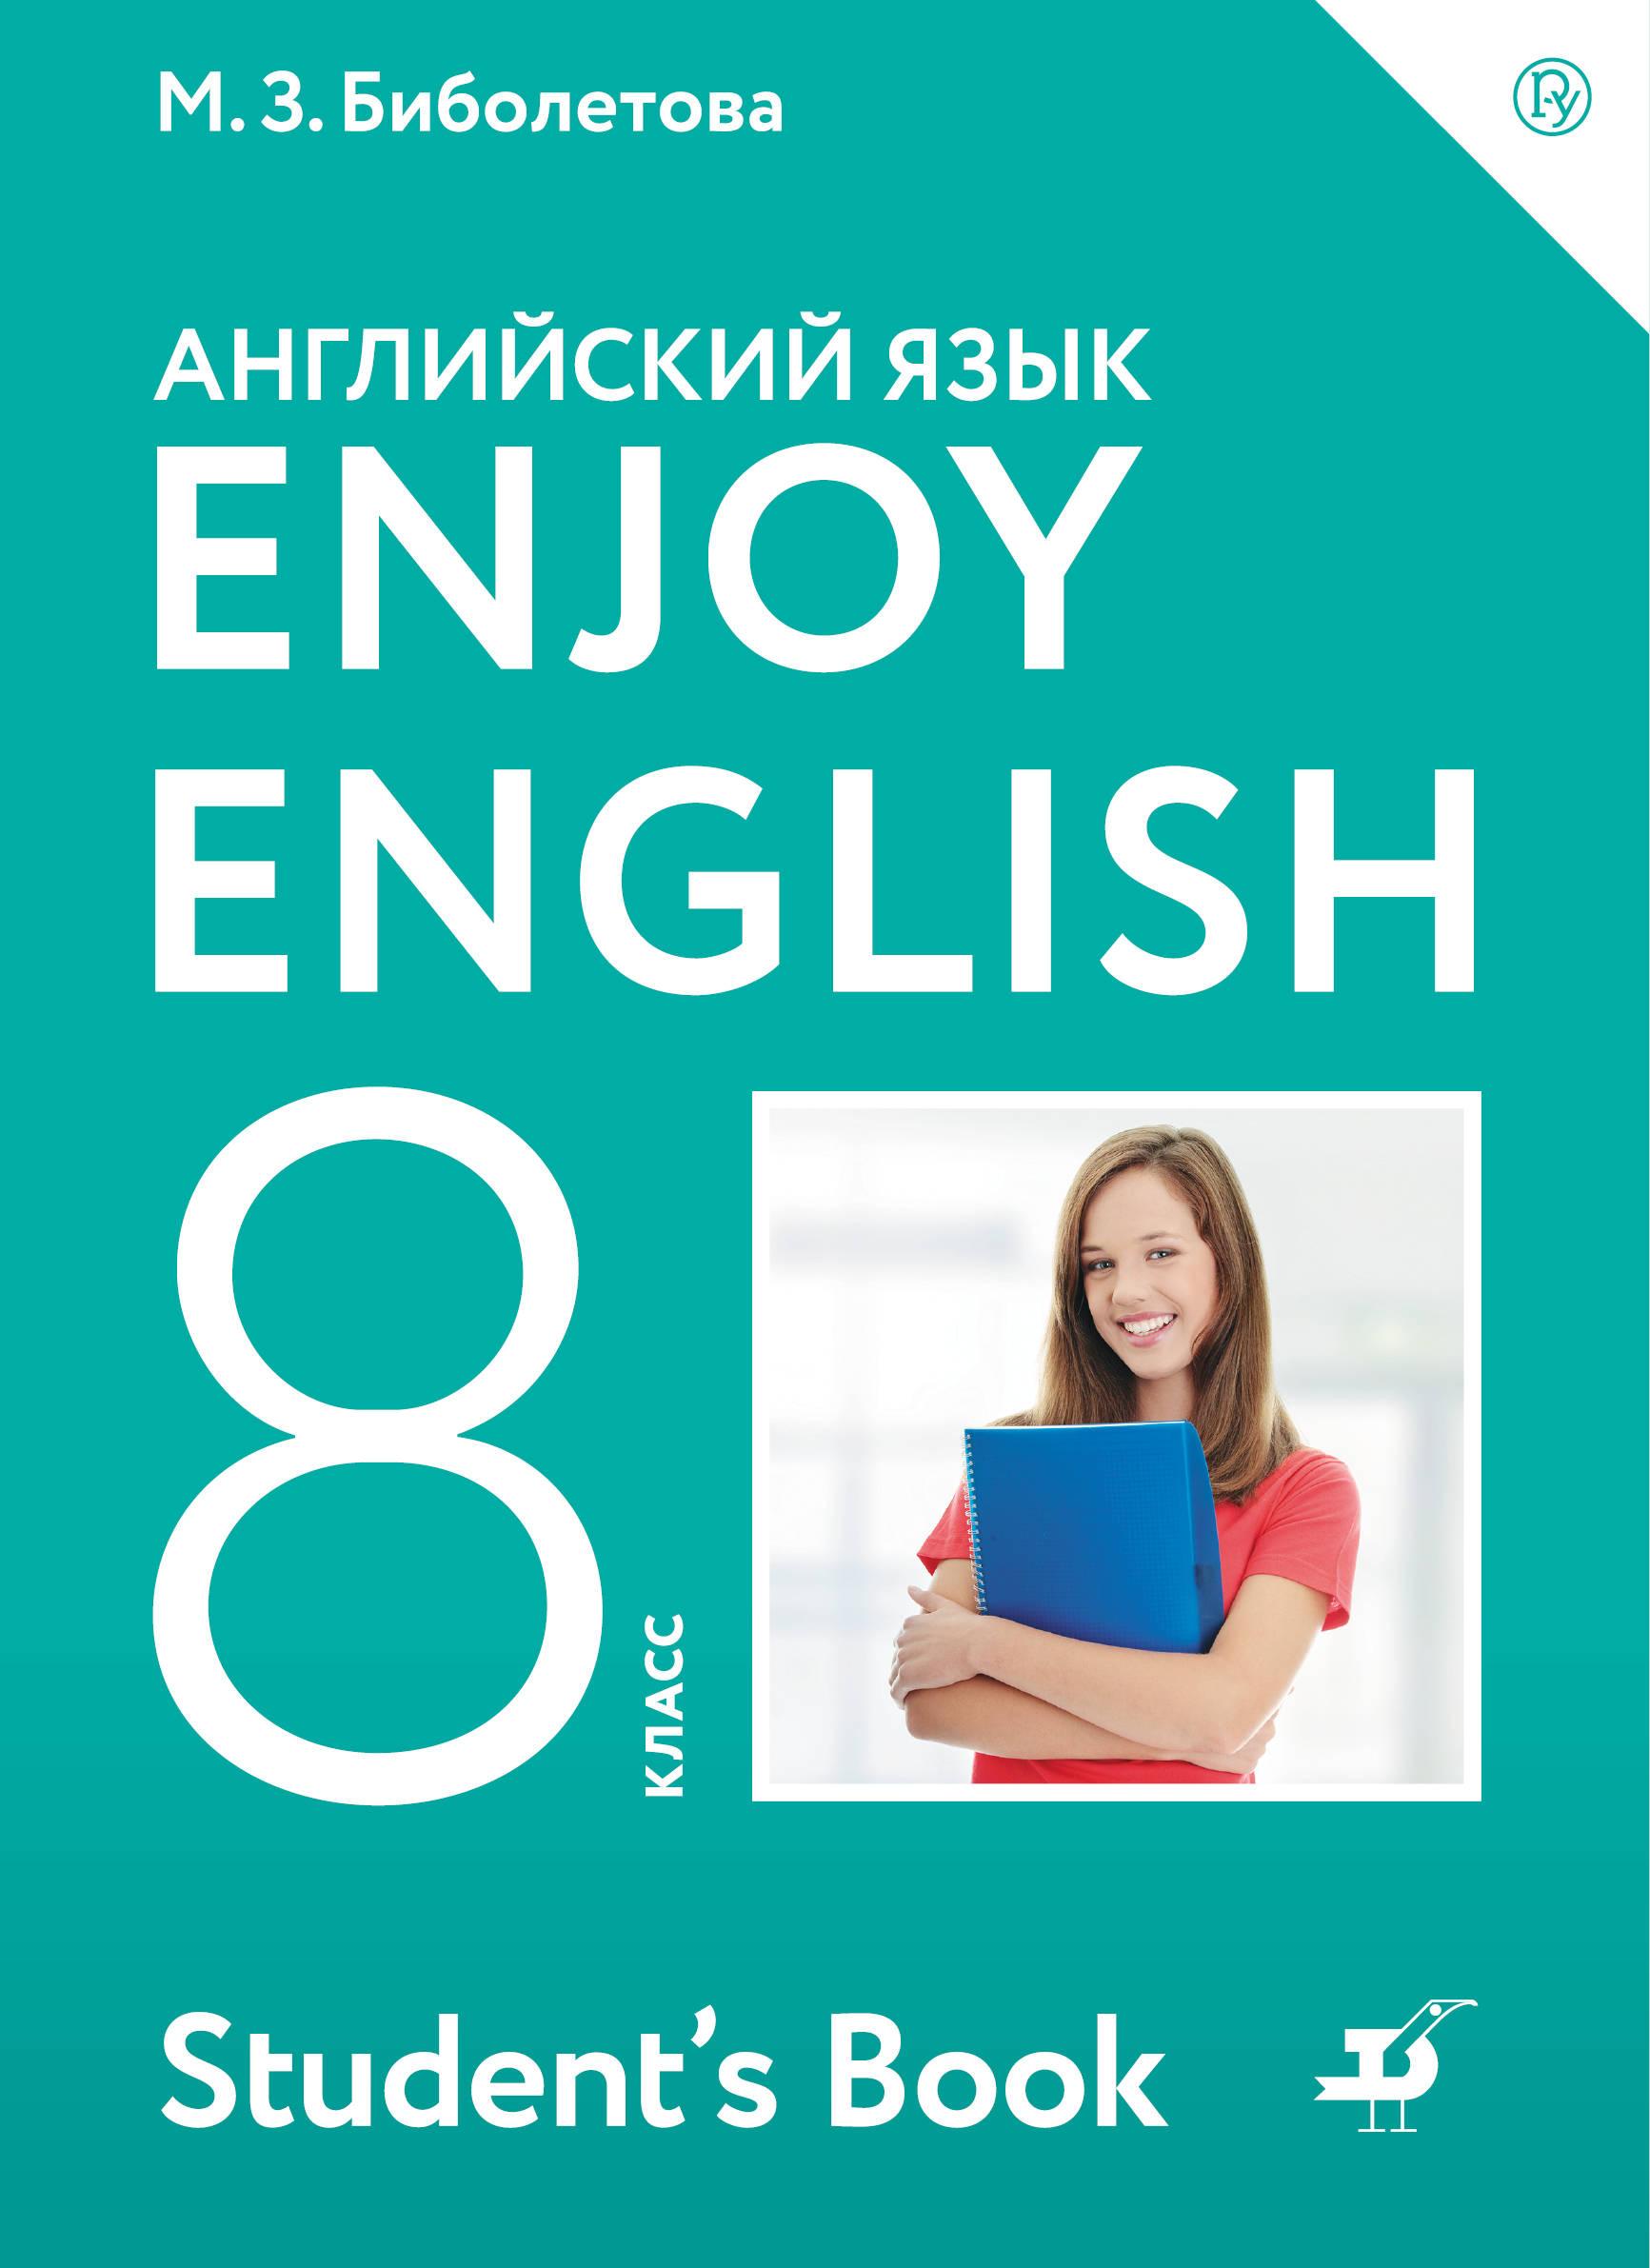 Аудиоприложение к учебнику enjoy english авт. Биболетова м. З. 6.